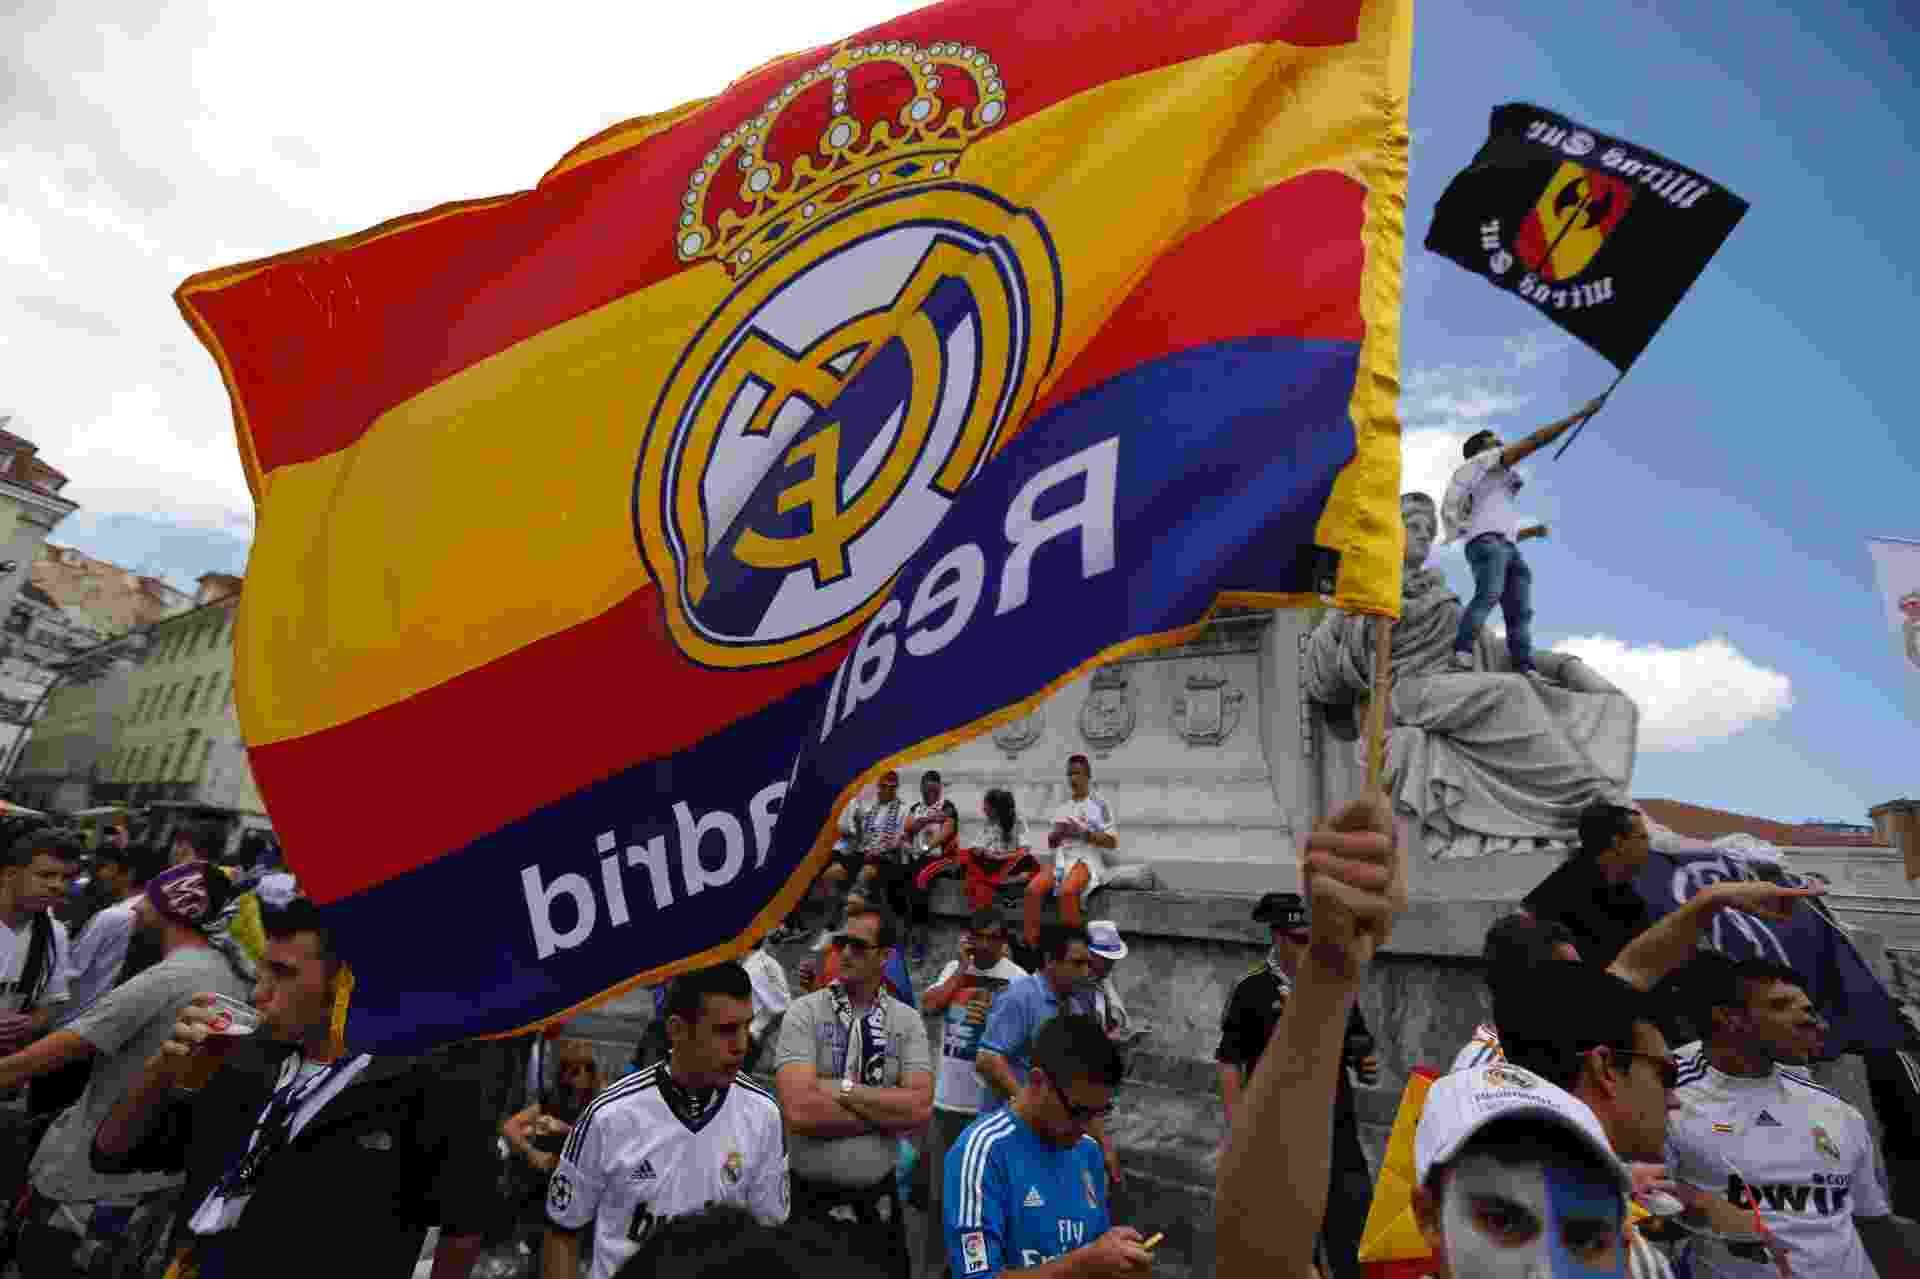 Torcedores vindos da Espanha invadem a cidade de Lisboa, palco da final da Liga dos Campeões entre Real Madrid e Atlético de Madri, às 15h45 - REUTERS/Rafael Marchante